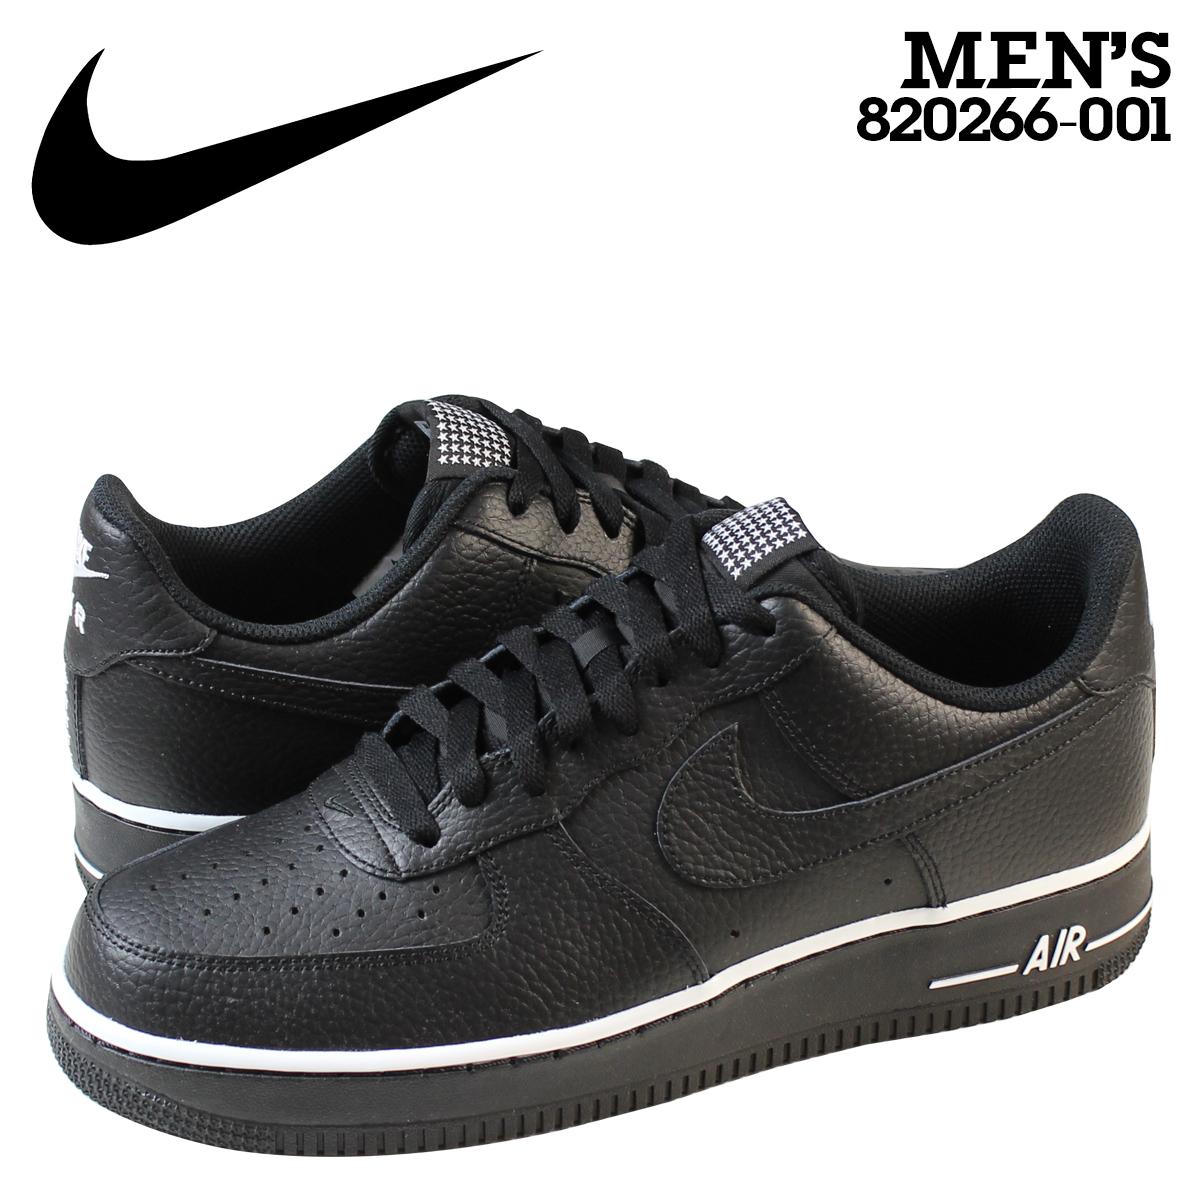 Nike NIKE air force sneakers AIR FORCE 1 07 air force 1 820,266 001 men's black